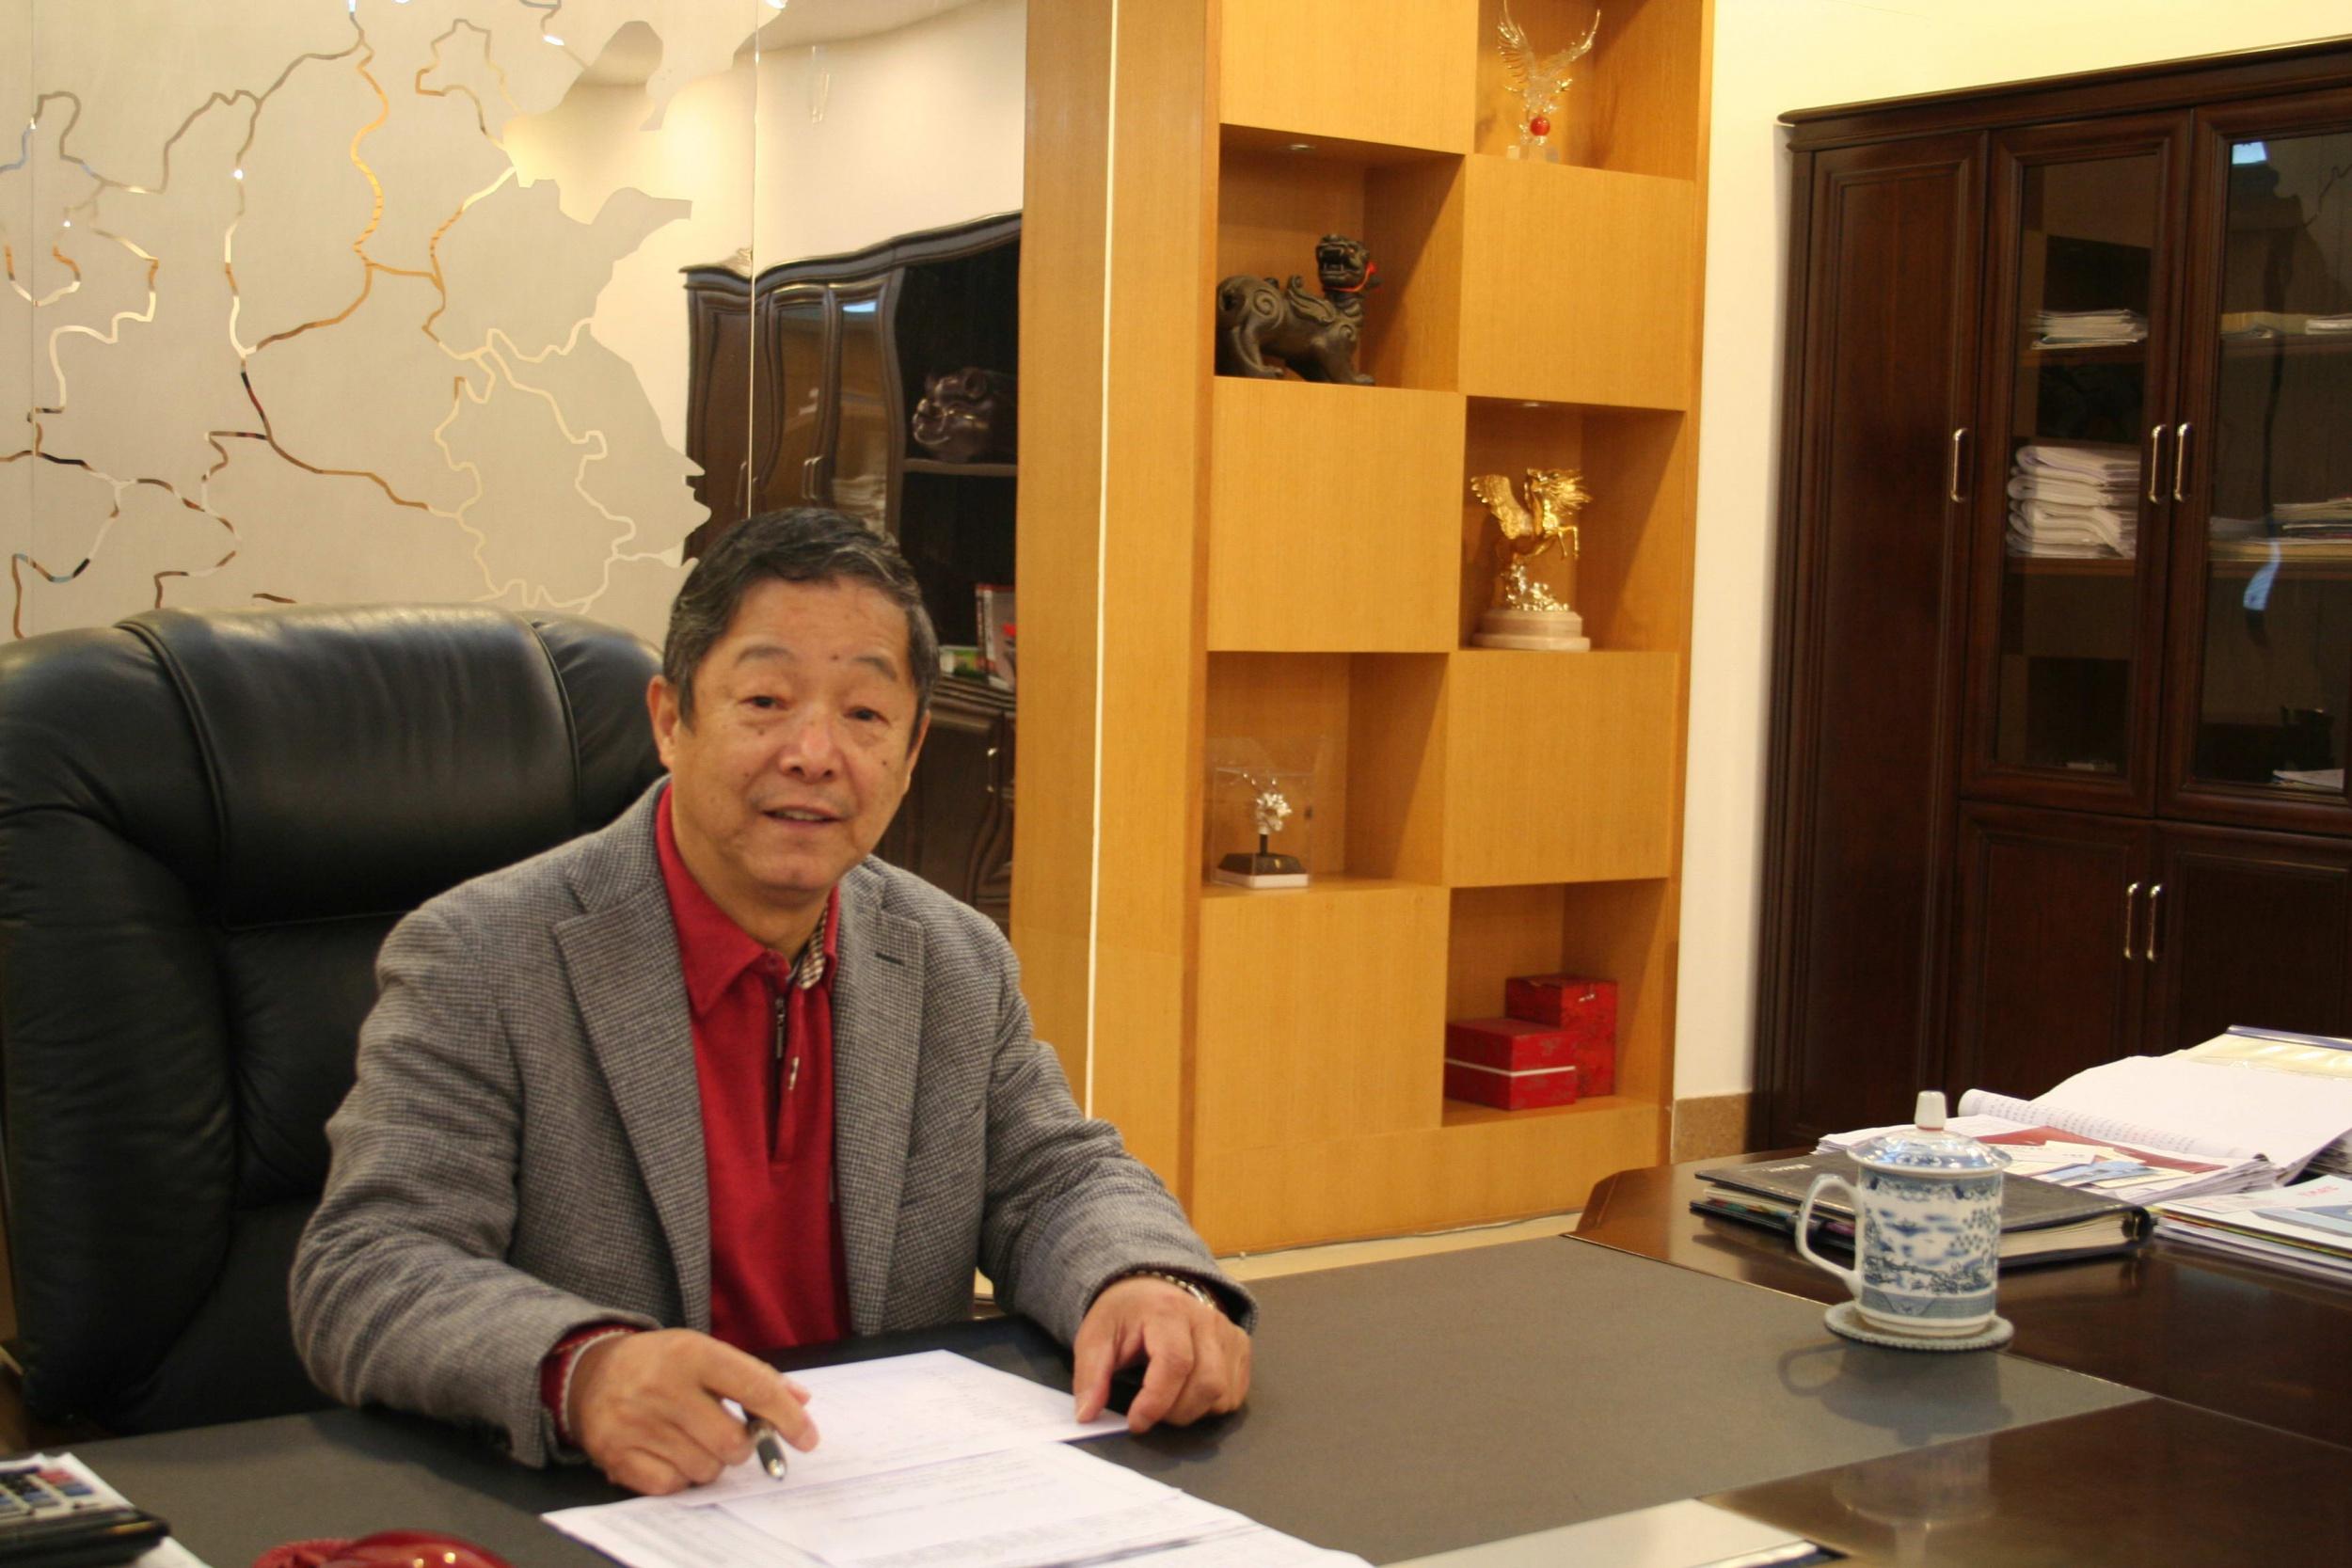 三禾添佰利五金公司總經理譚添球引領企業發展壯大的故事